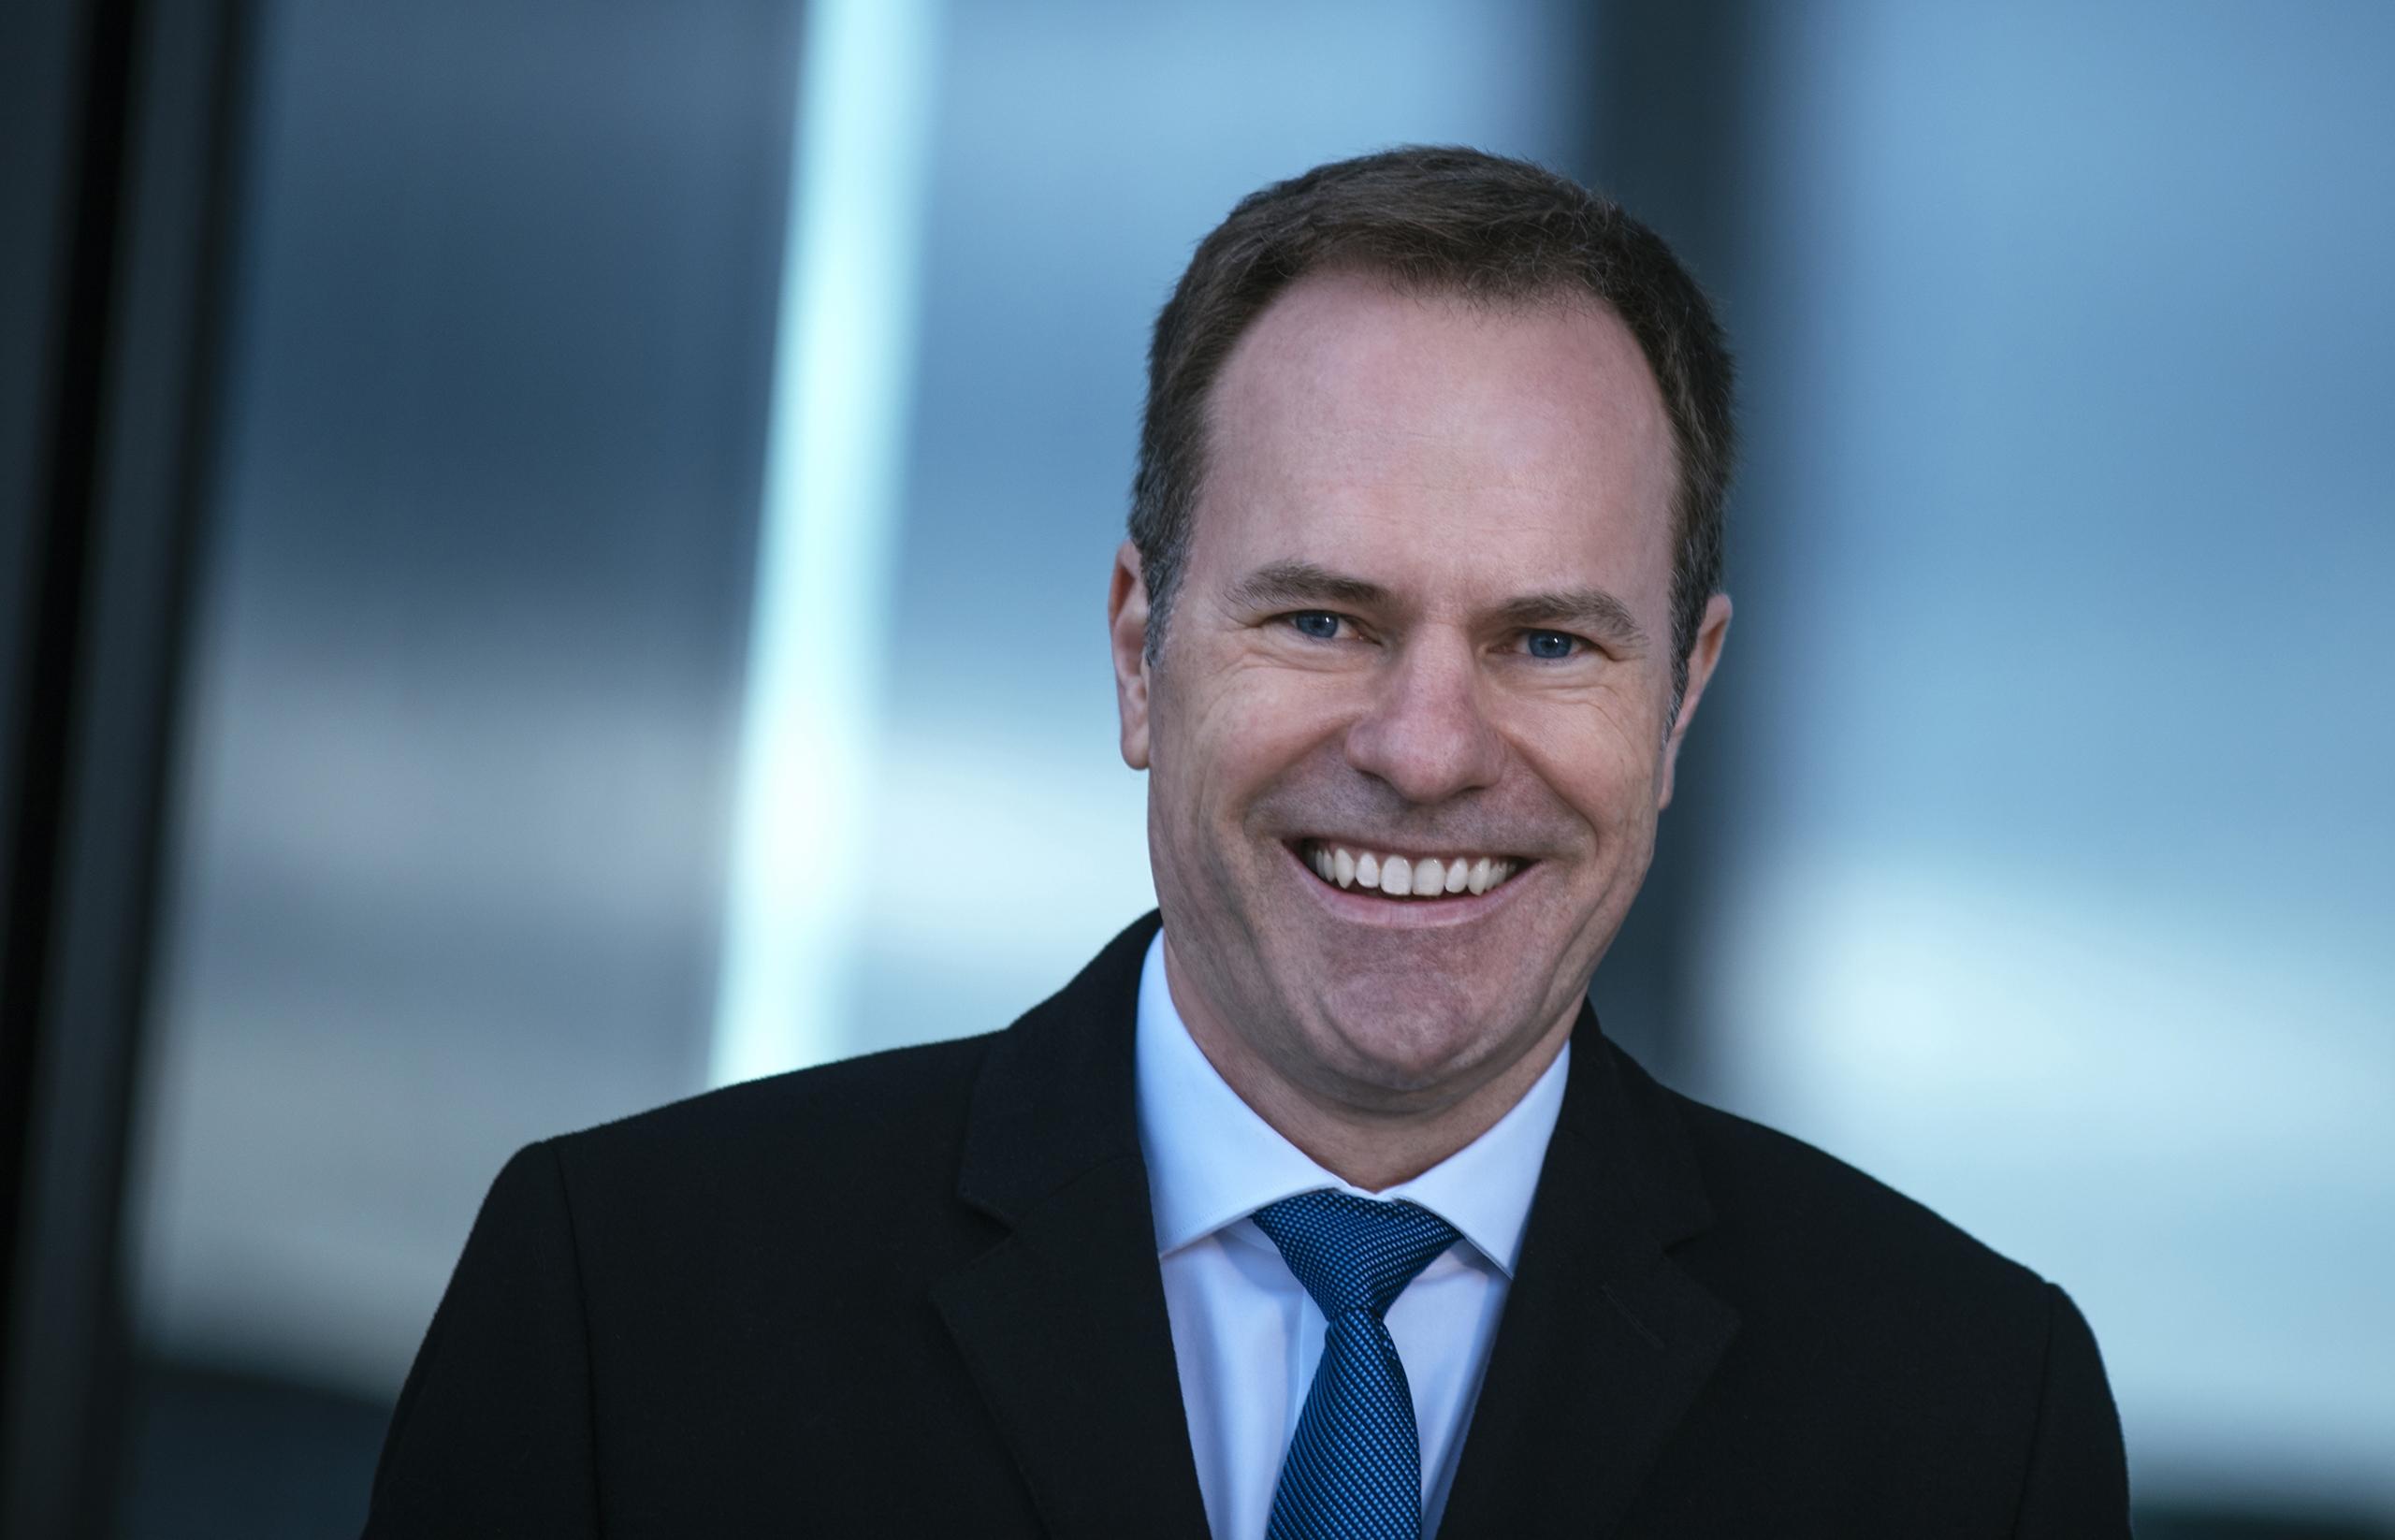 Stephan Keller kandidiert für das Amt des Oberbürgermeisters